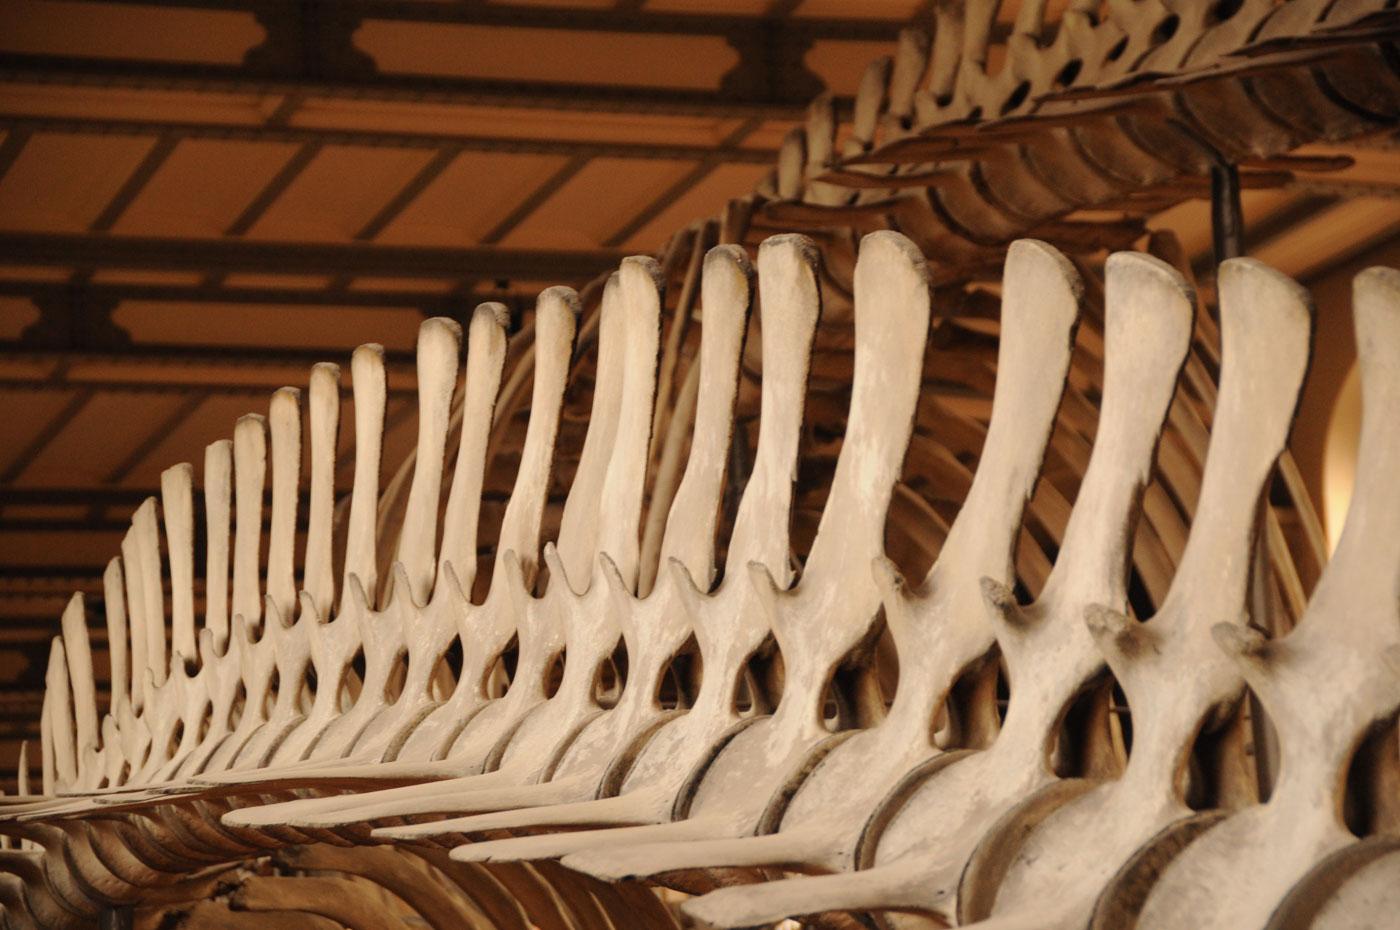 museum-histoire-naturelle-paris-unterwegs-reiseblog-03